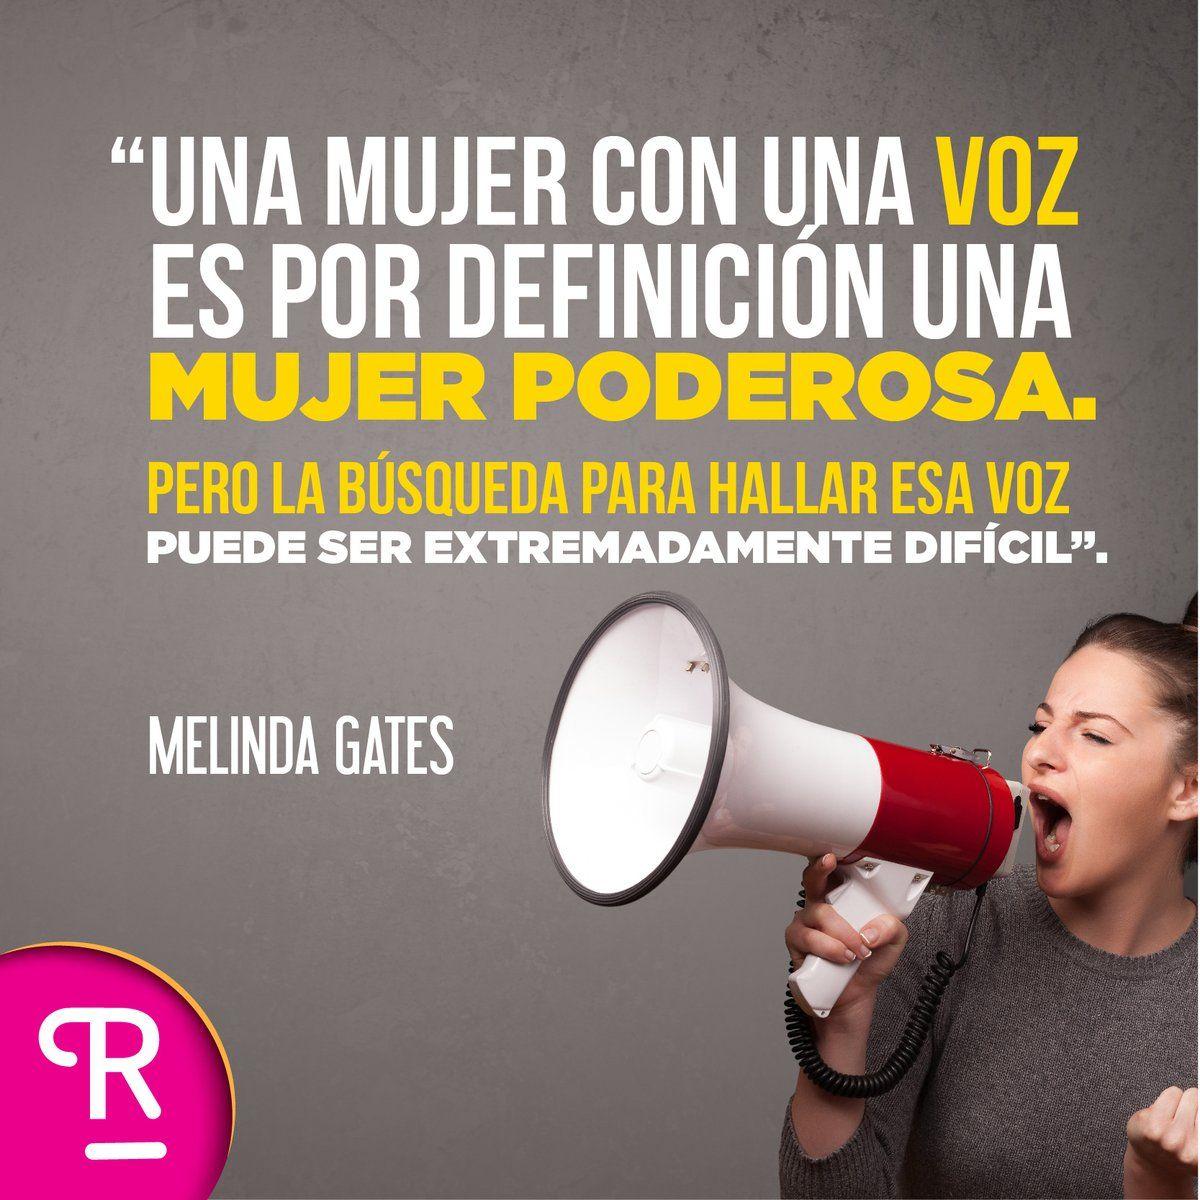 Rosario Robles Noticias: Rosario Robles (@Rosario_Robles_)